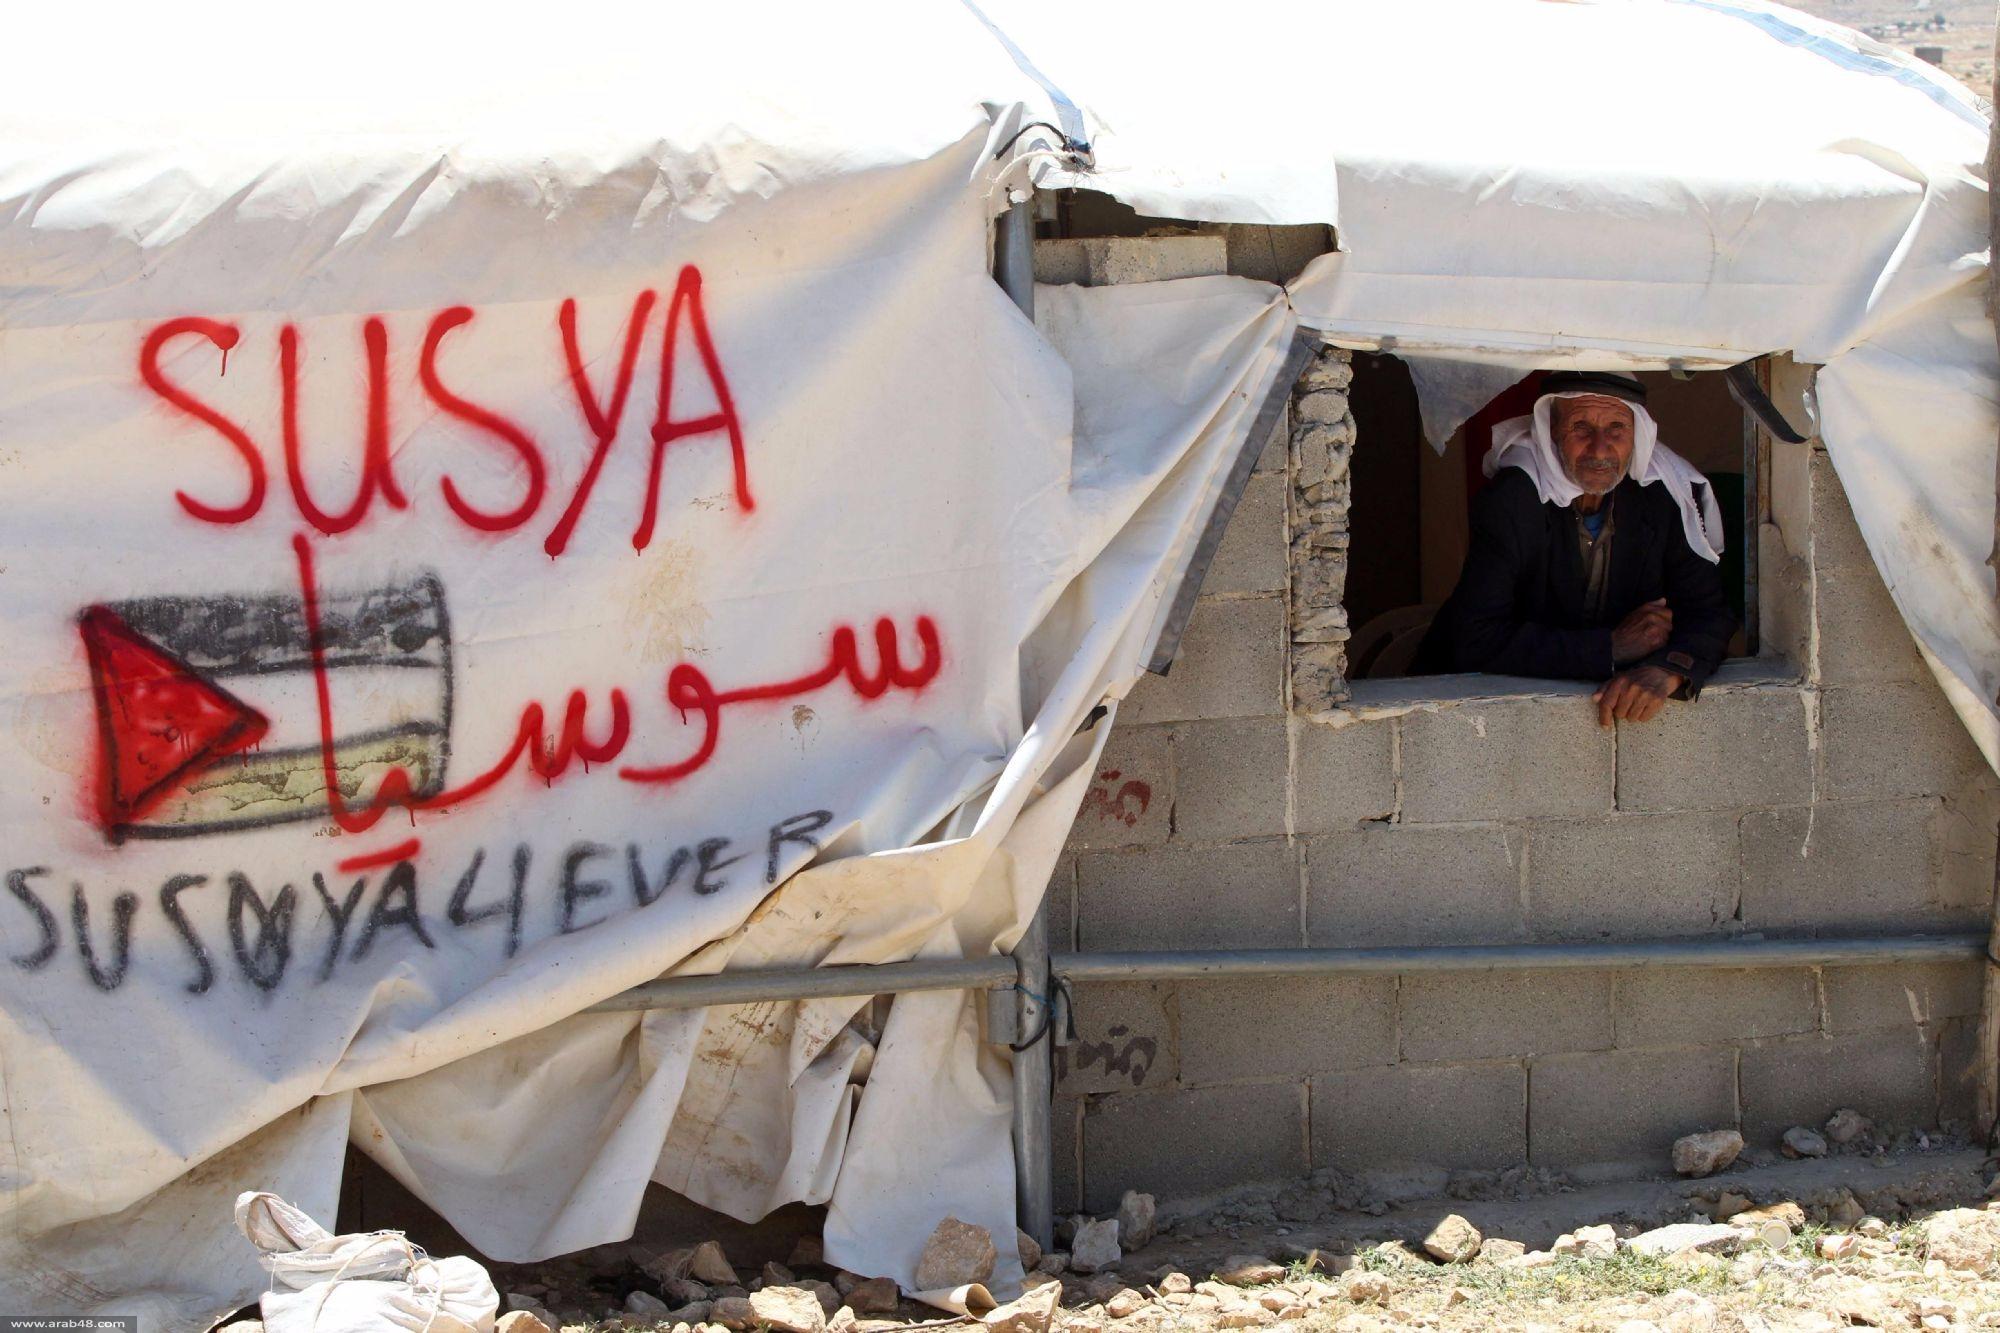 أميركا وأوروبا تحذران من تهجير سوسيا